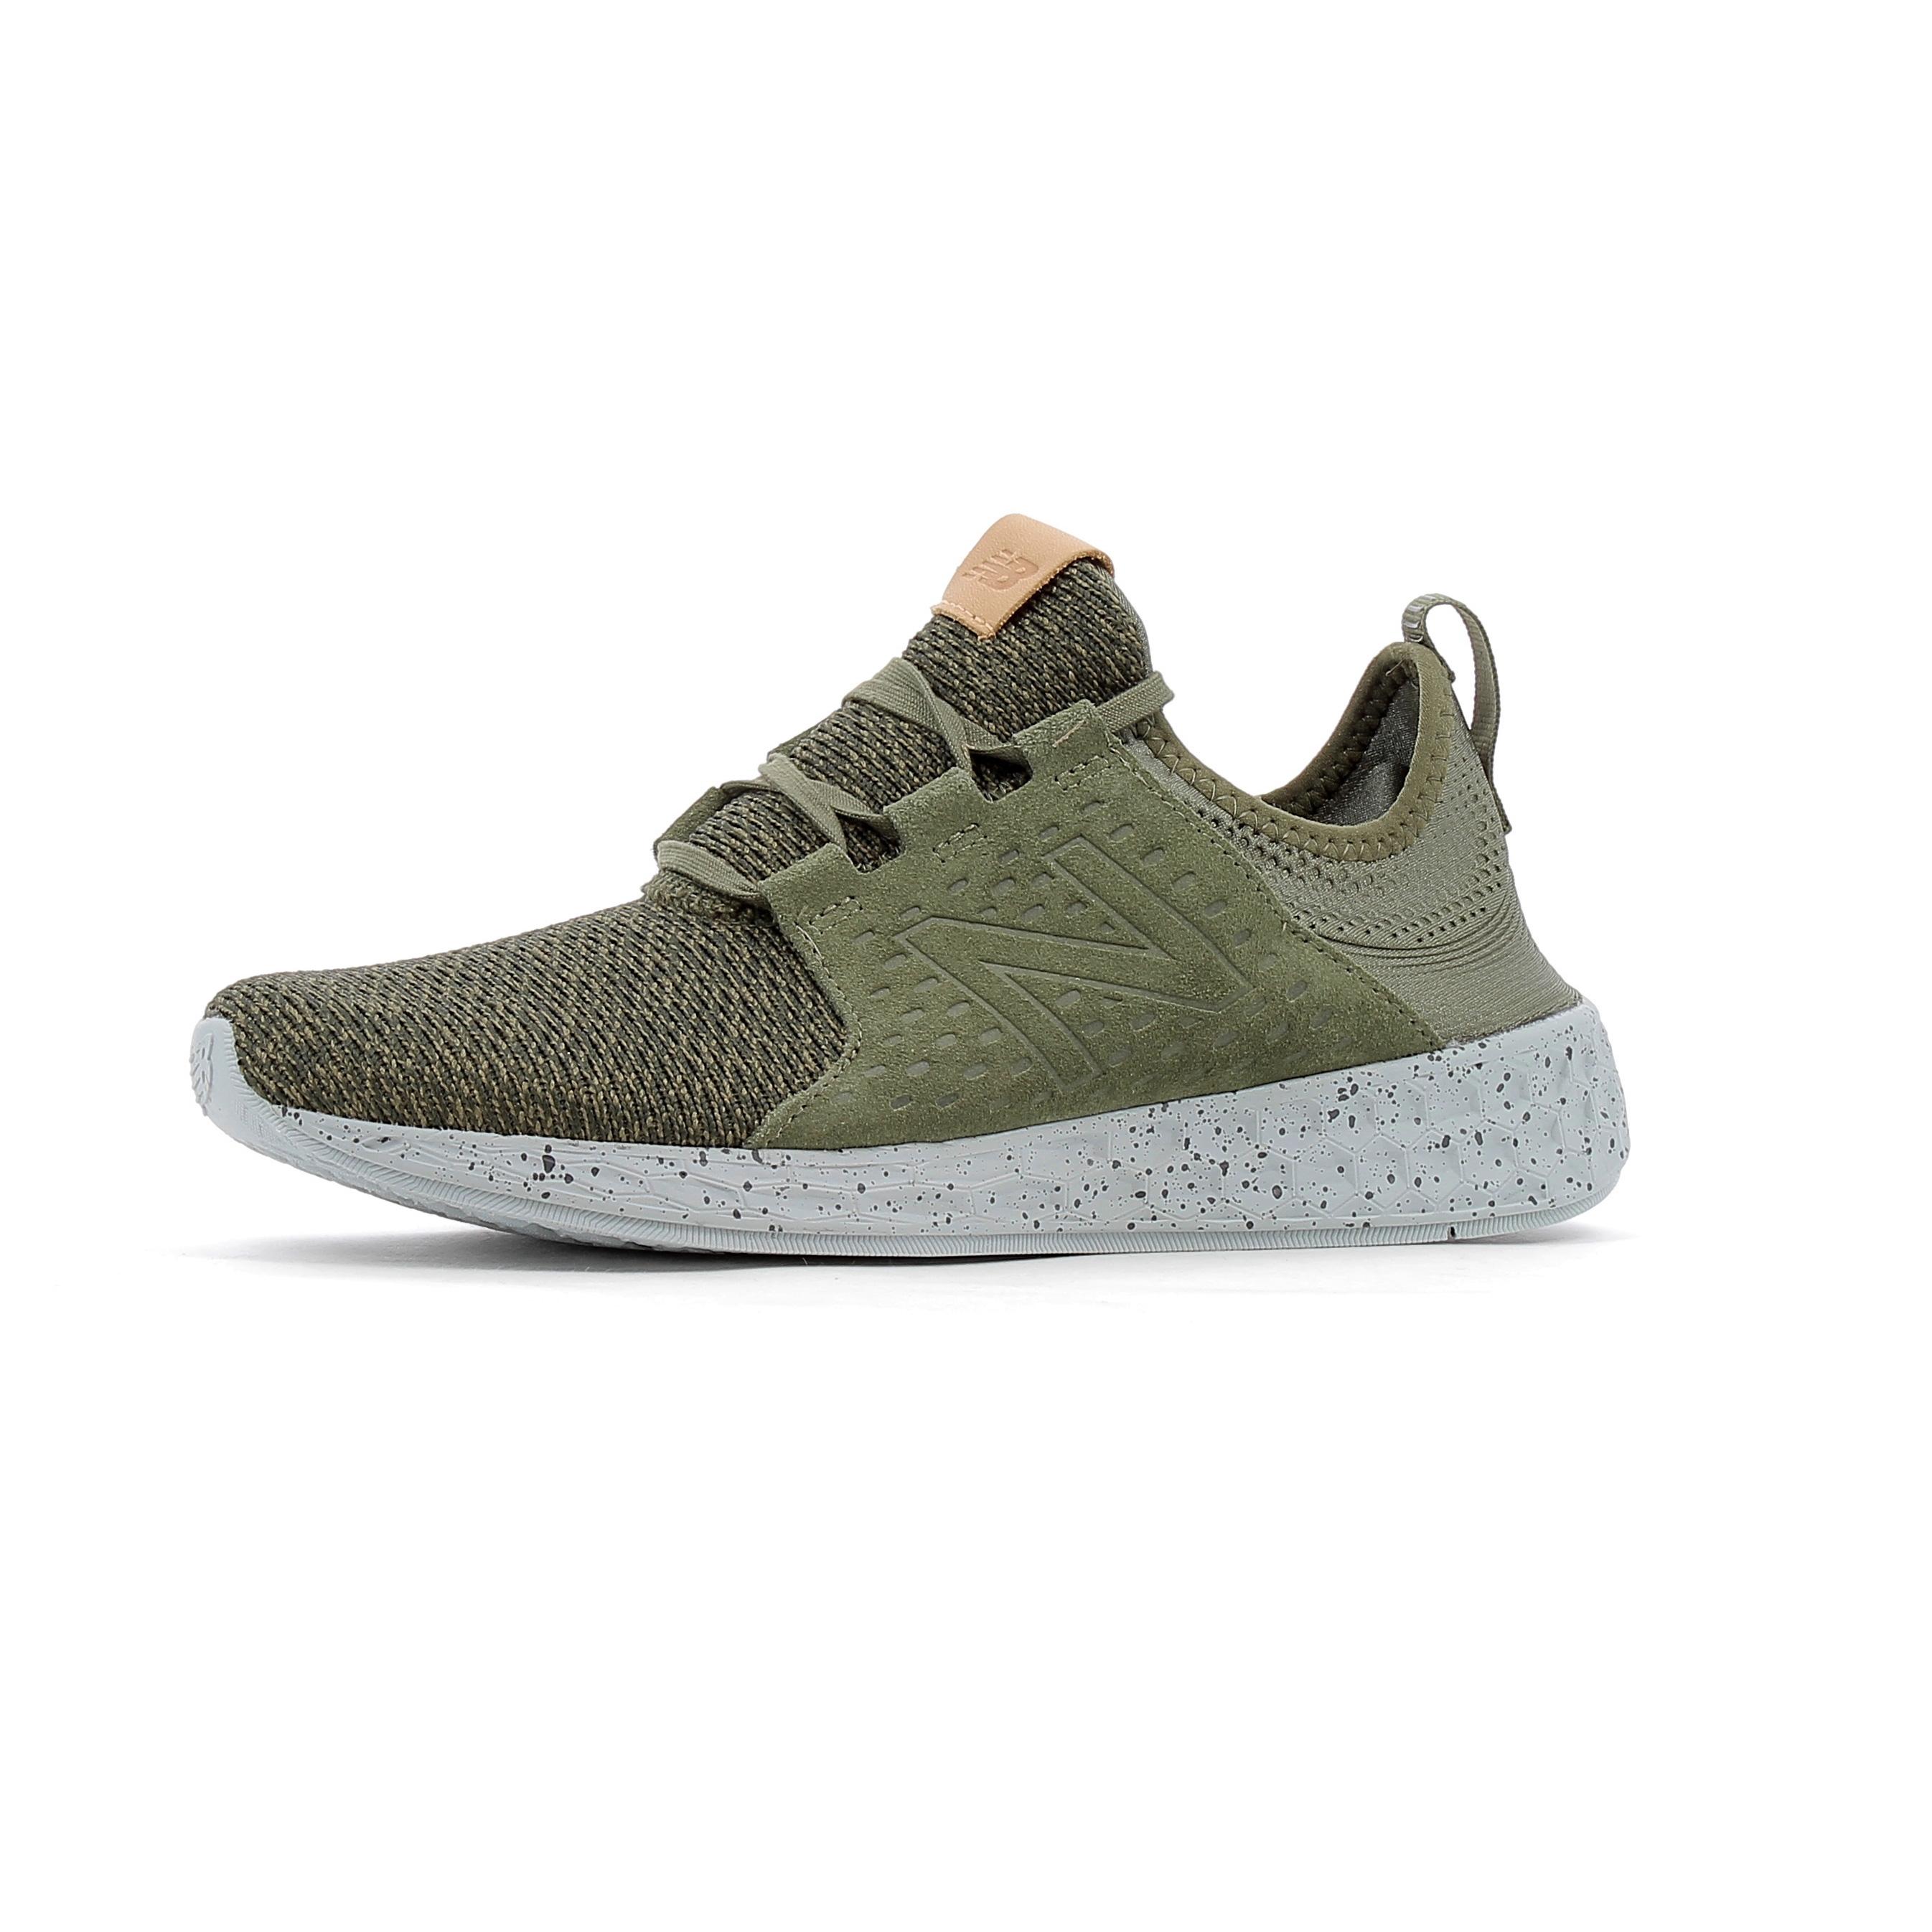 magasin d'usine 55f7b 77339 Chaussures de running New Balance Fresh Foam Cruz